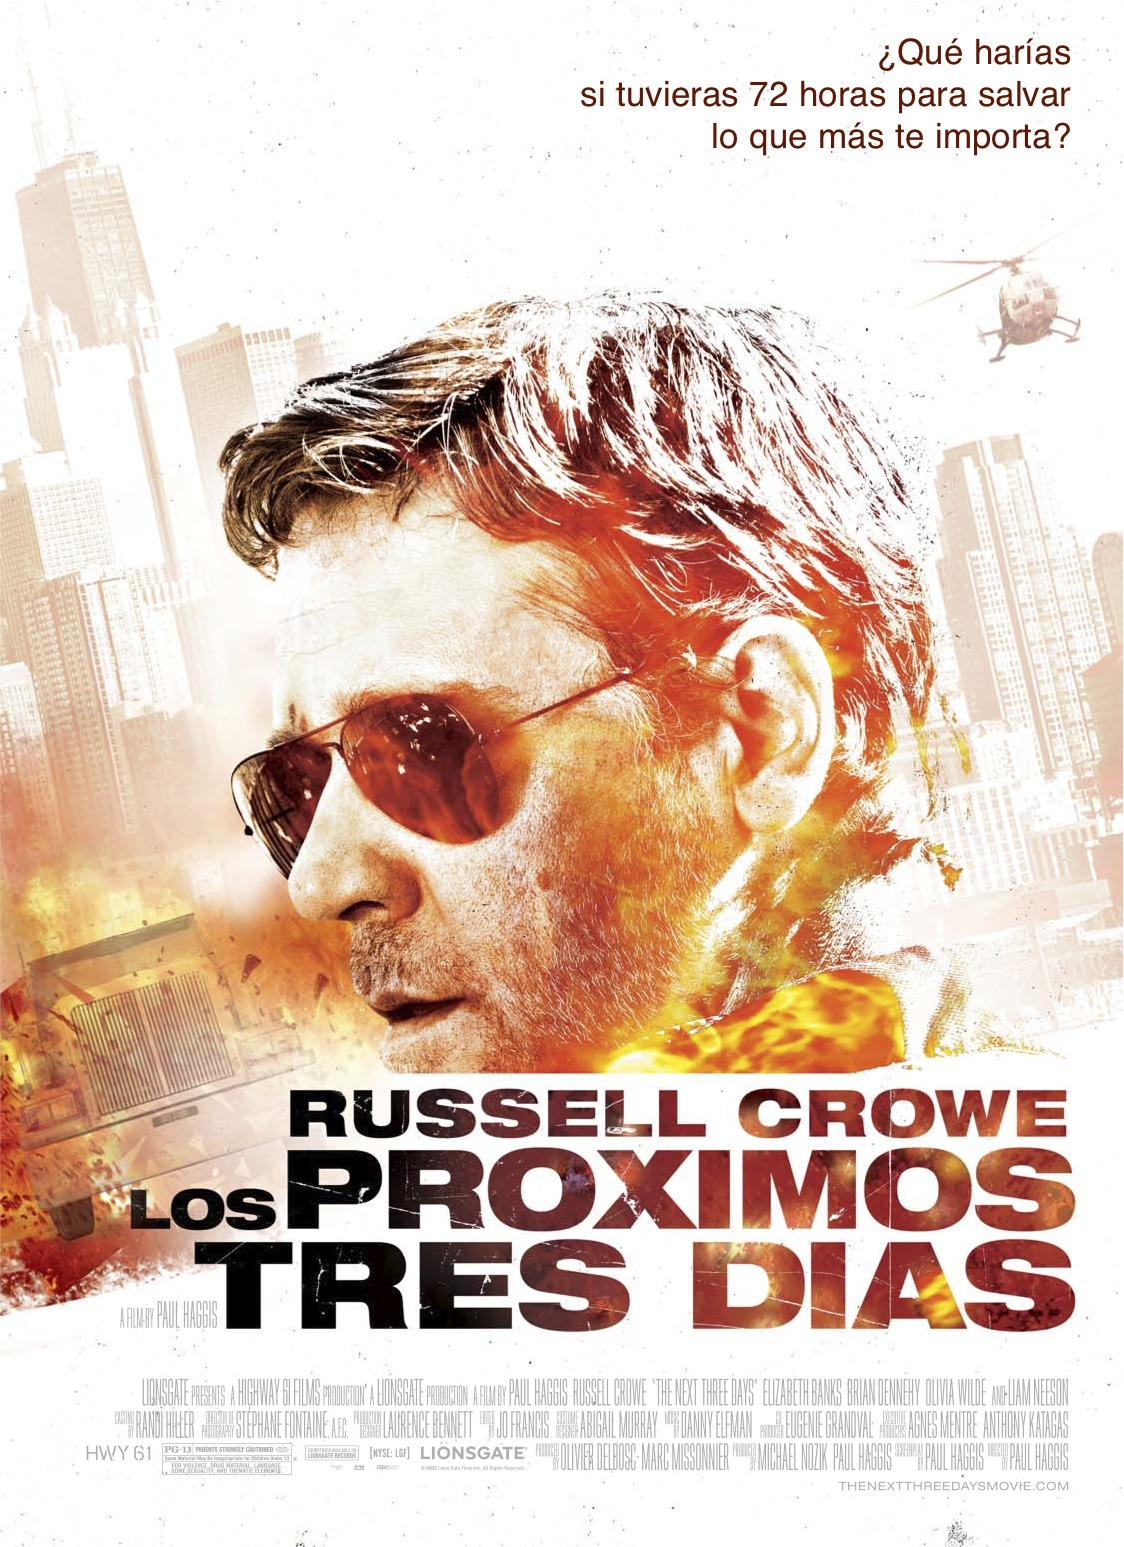 http://2.bp.blogspot.com/_mX3vyz0mIpo/TRu96mhOQqI/AAAAAAAAAR4/qSbUBS-4XeA/s1600/los_proximos_tres_dias_cartel.jpg